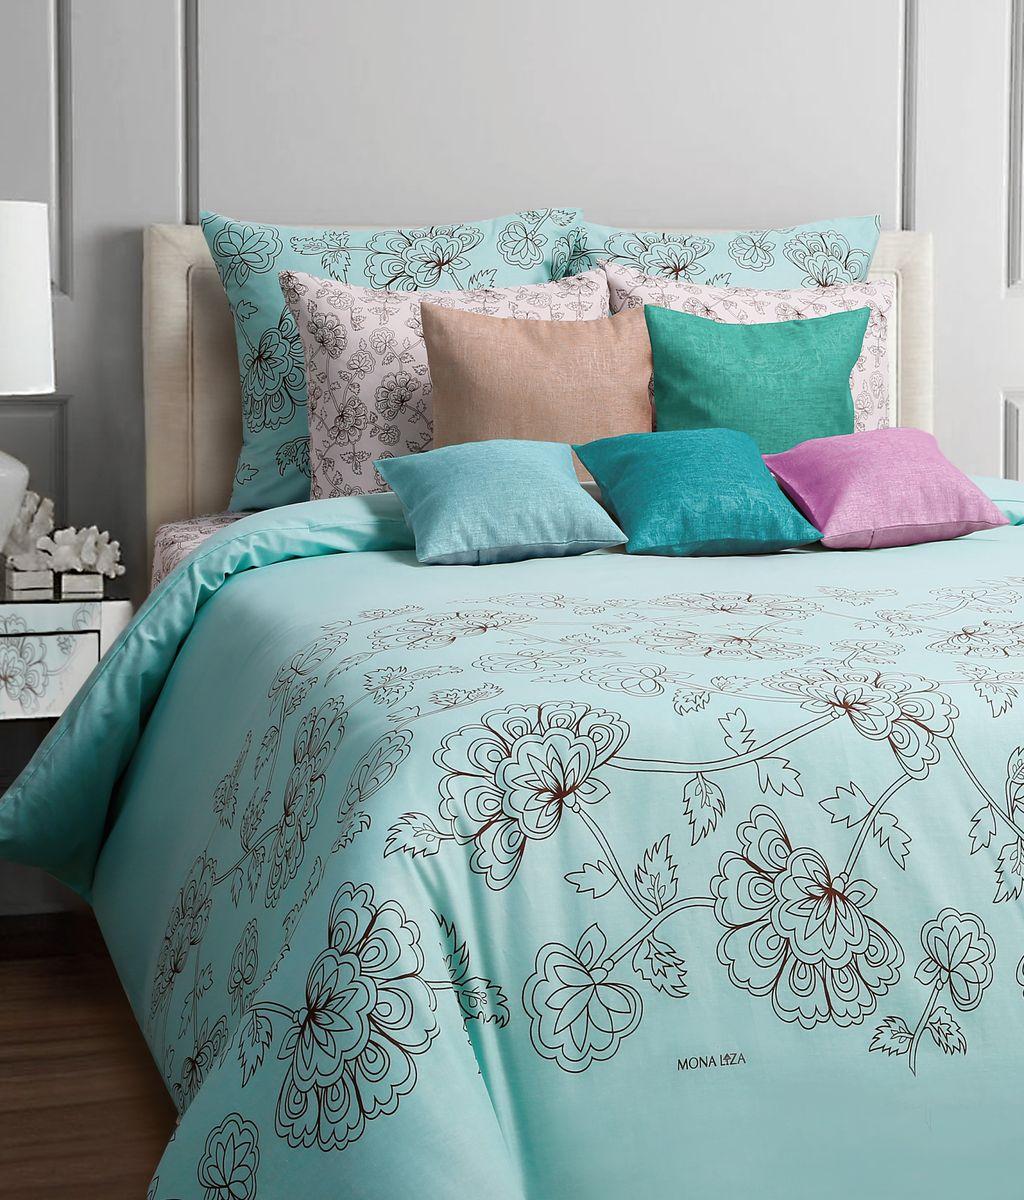 Комплект белья Mona Liza Soho, 2-спальное, наволочки 50x70, цвет: бирюзовый552205/661Коллекция постельного белья MONA LIZA Classic поражает многообразием дизайнов. Среди них легко подобрать необходимый рисунок, который создаст в доме уют. Комплекты выполнены из бязи 100 % хлопка.